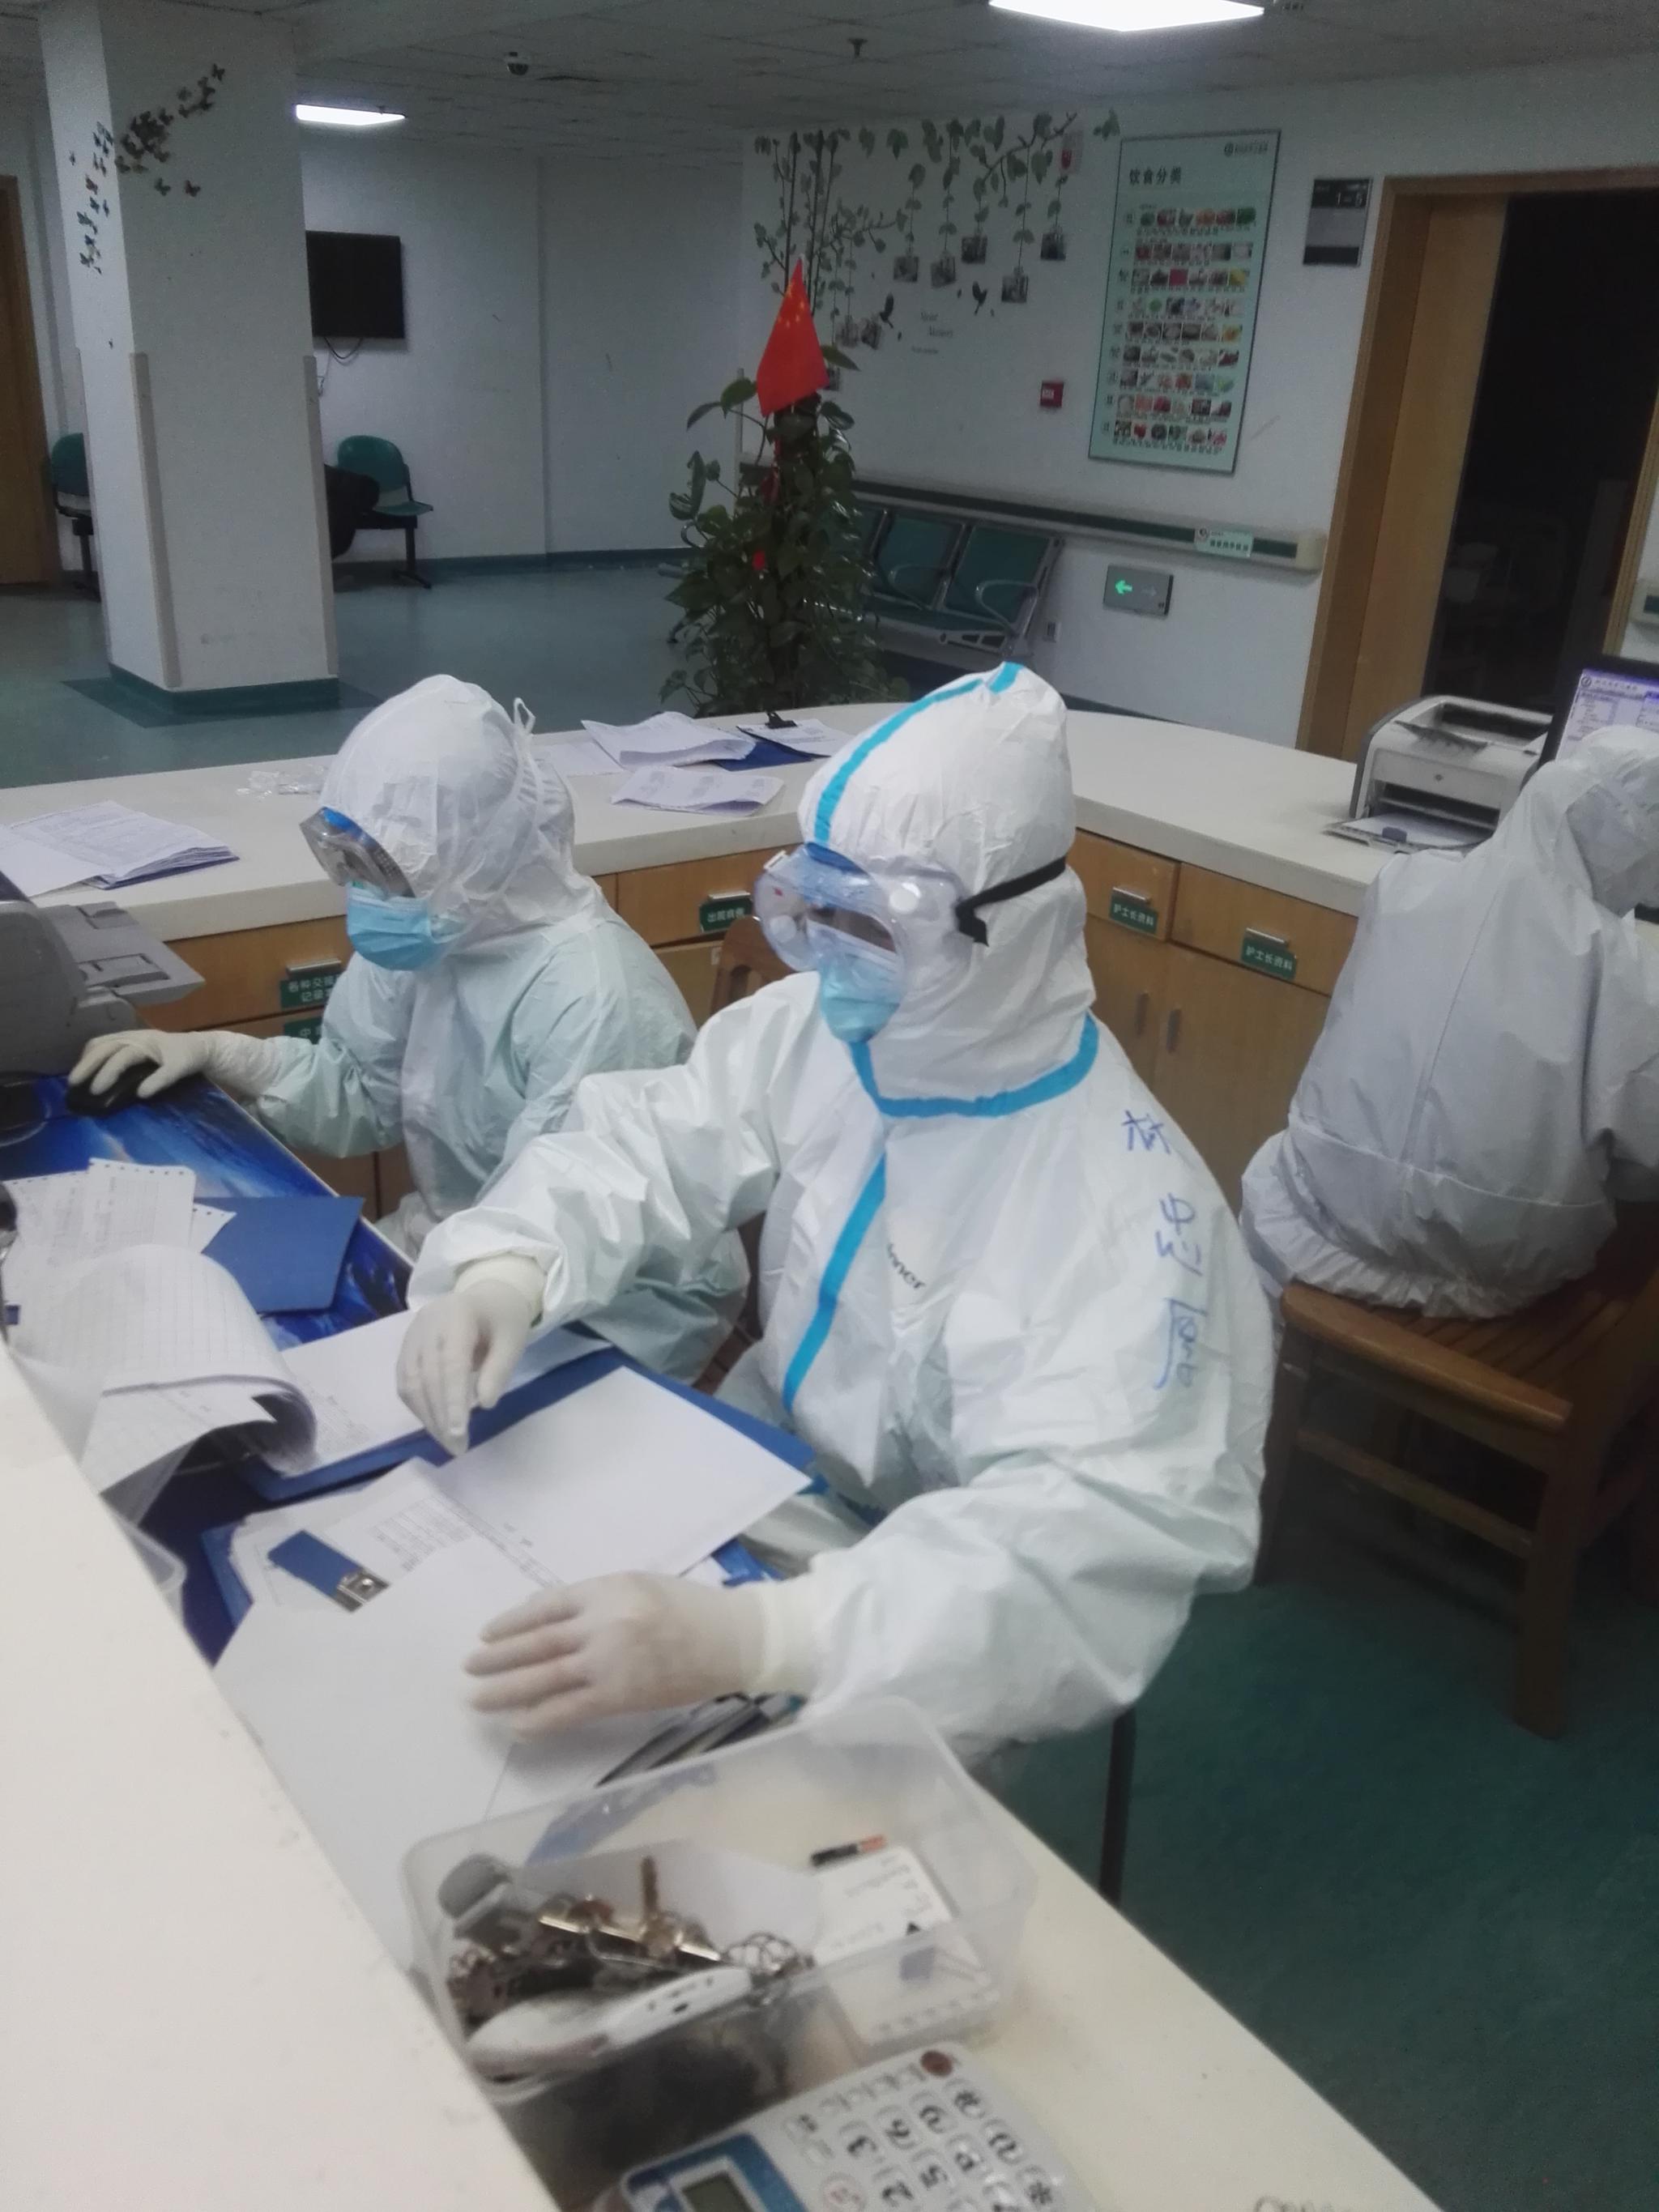 四国首现确诊新冠病毒感染病例 意大利病例数破千